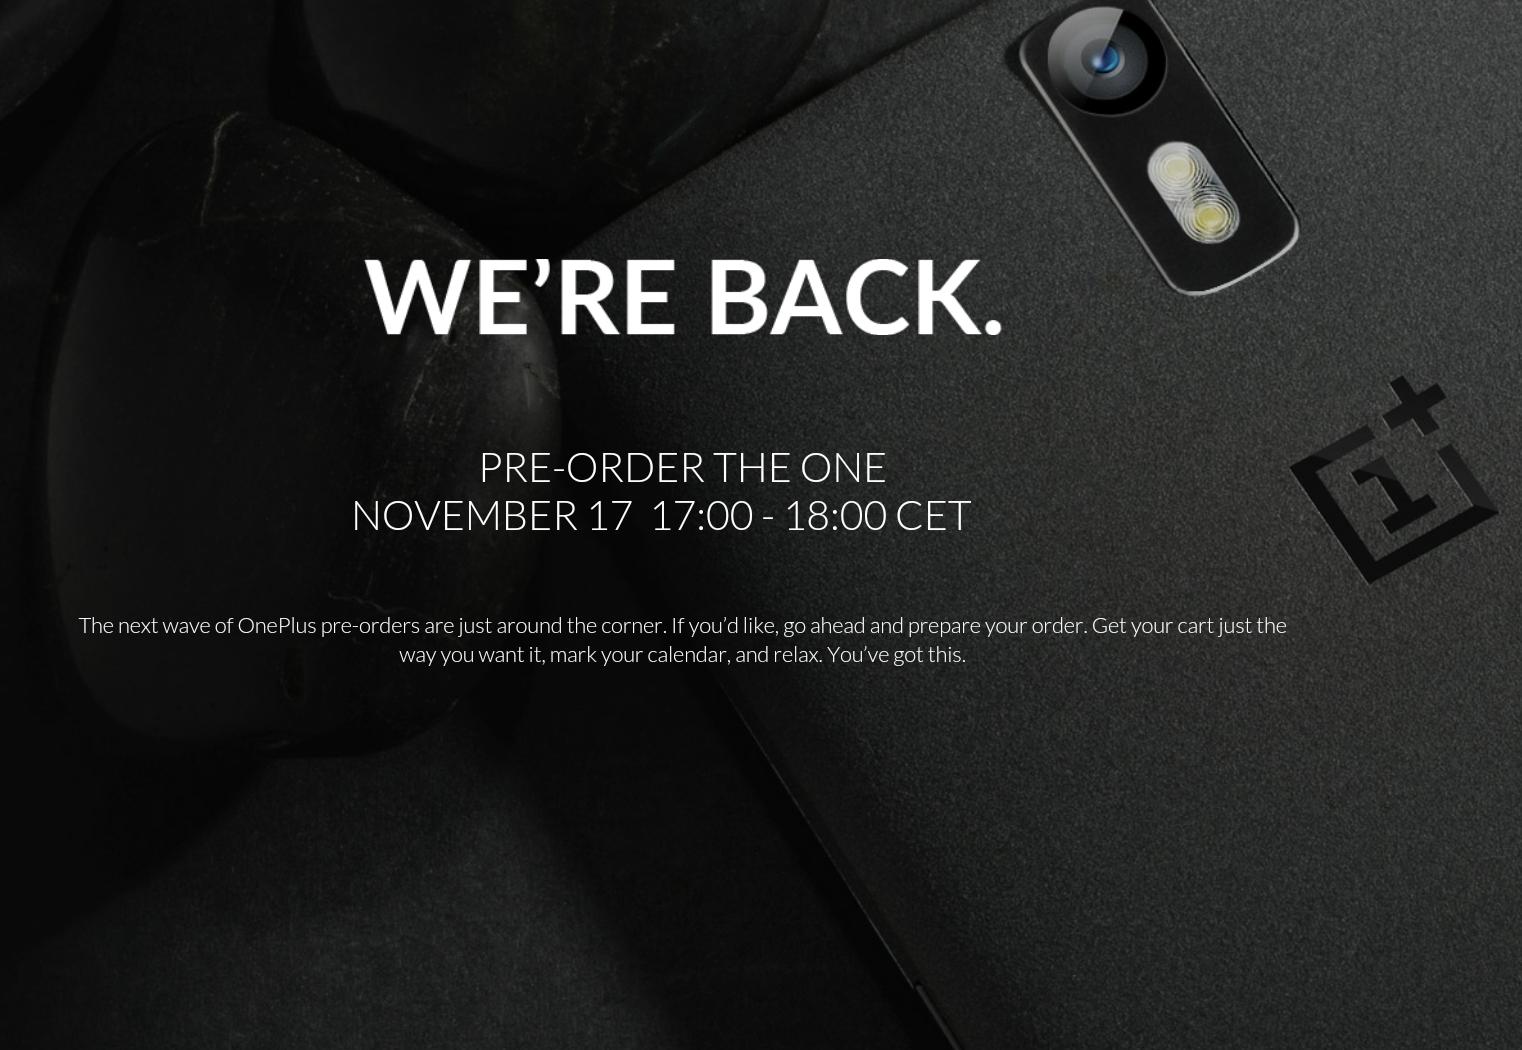 OnePlus One am 17.November wieder vorbestellbar